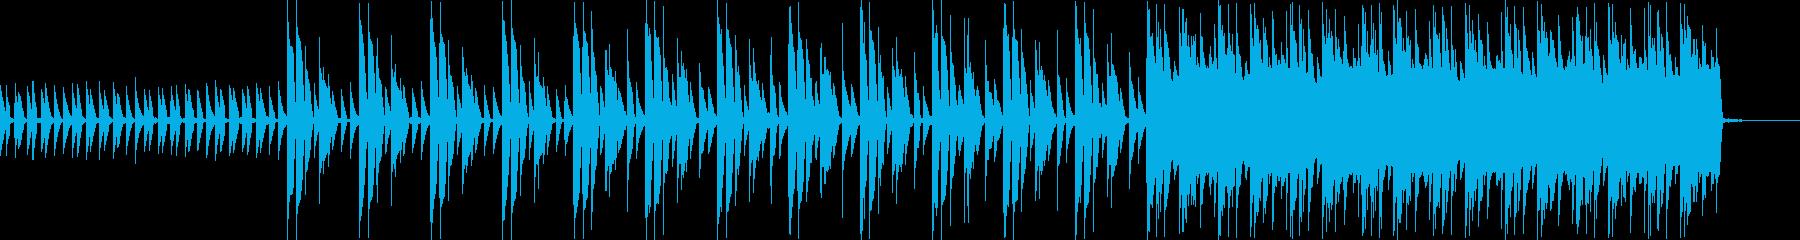 デジタル機器CF、ジングル、ロゴ用の再生済みの波形